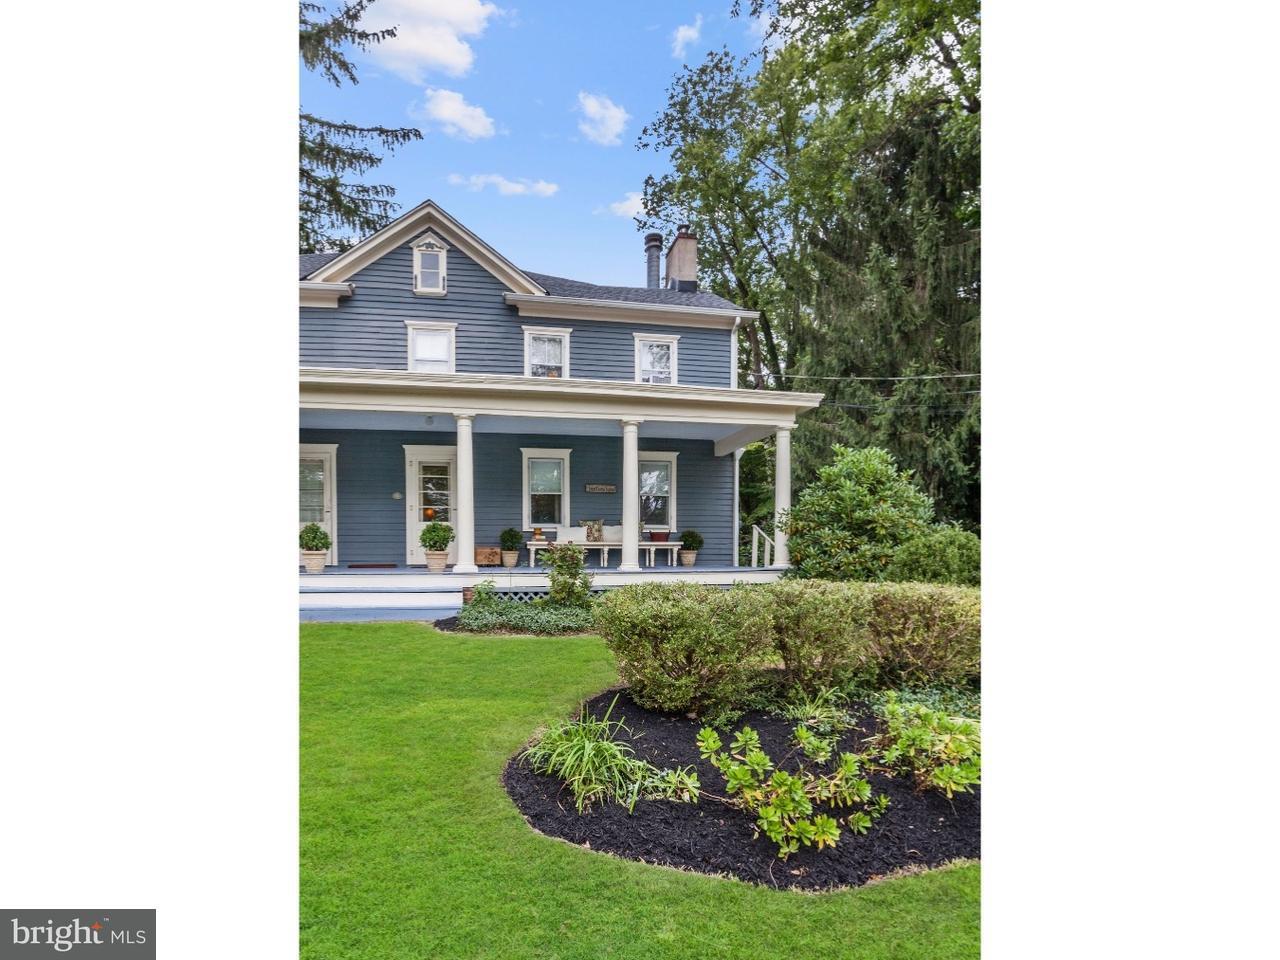 Casa unifamiliar adosada (Townhouse) por un Venta en 2897 MAIN Street Lawrenceville, Nueva Jersey 08648 Estados UnidosEn/Alrededor: Lawrence Township